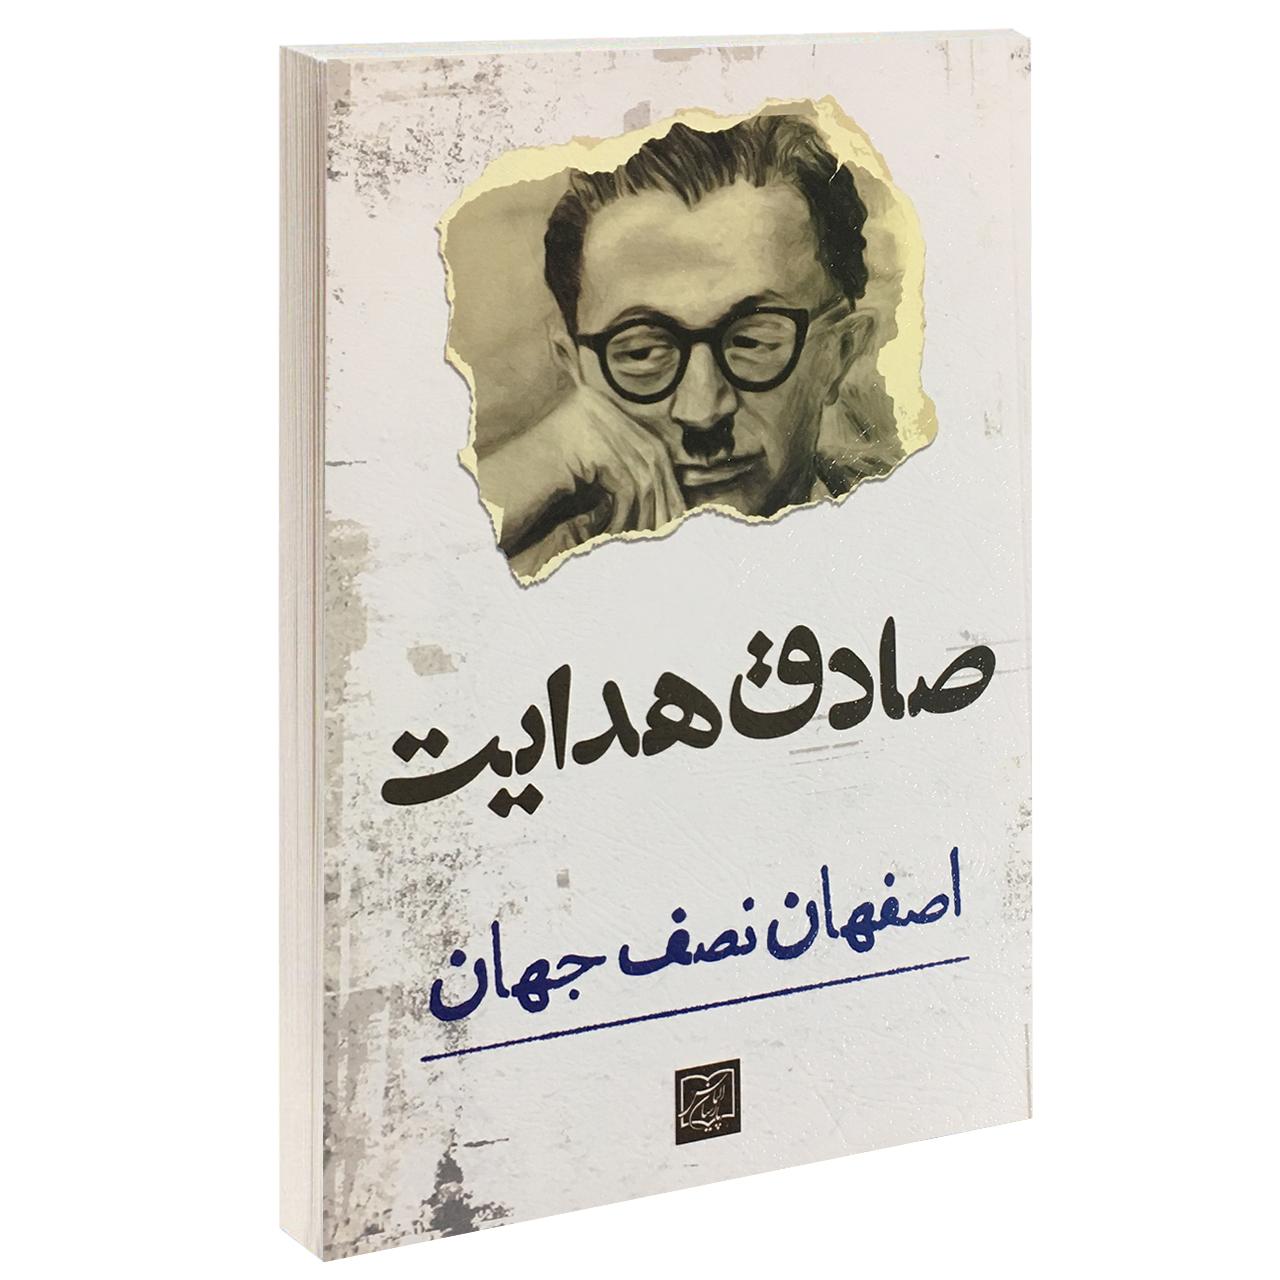 خرید                      کتاب اصفهان نصف جهان اثر صادق هدایت انتشارات الماس پارسیان